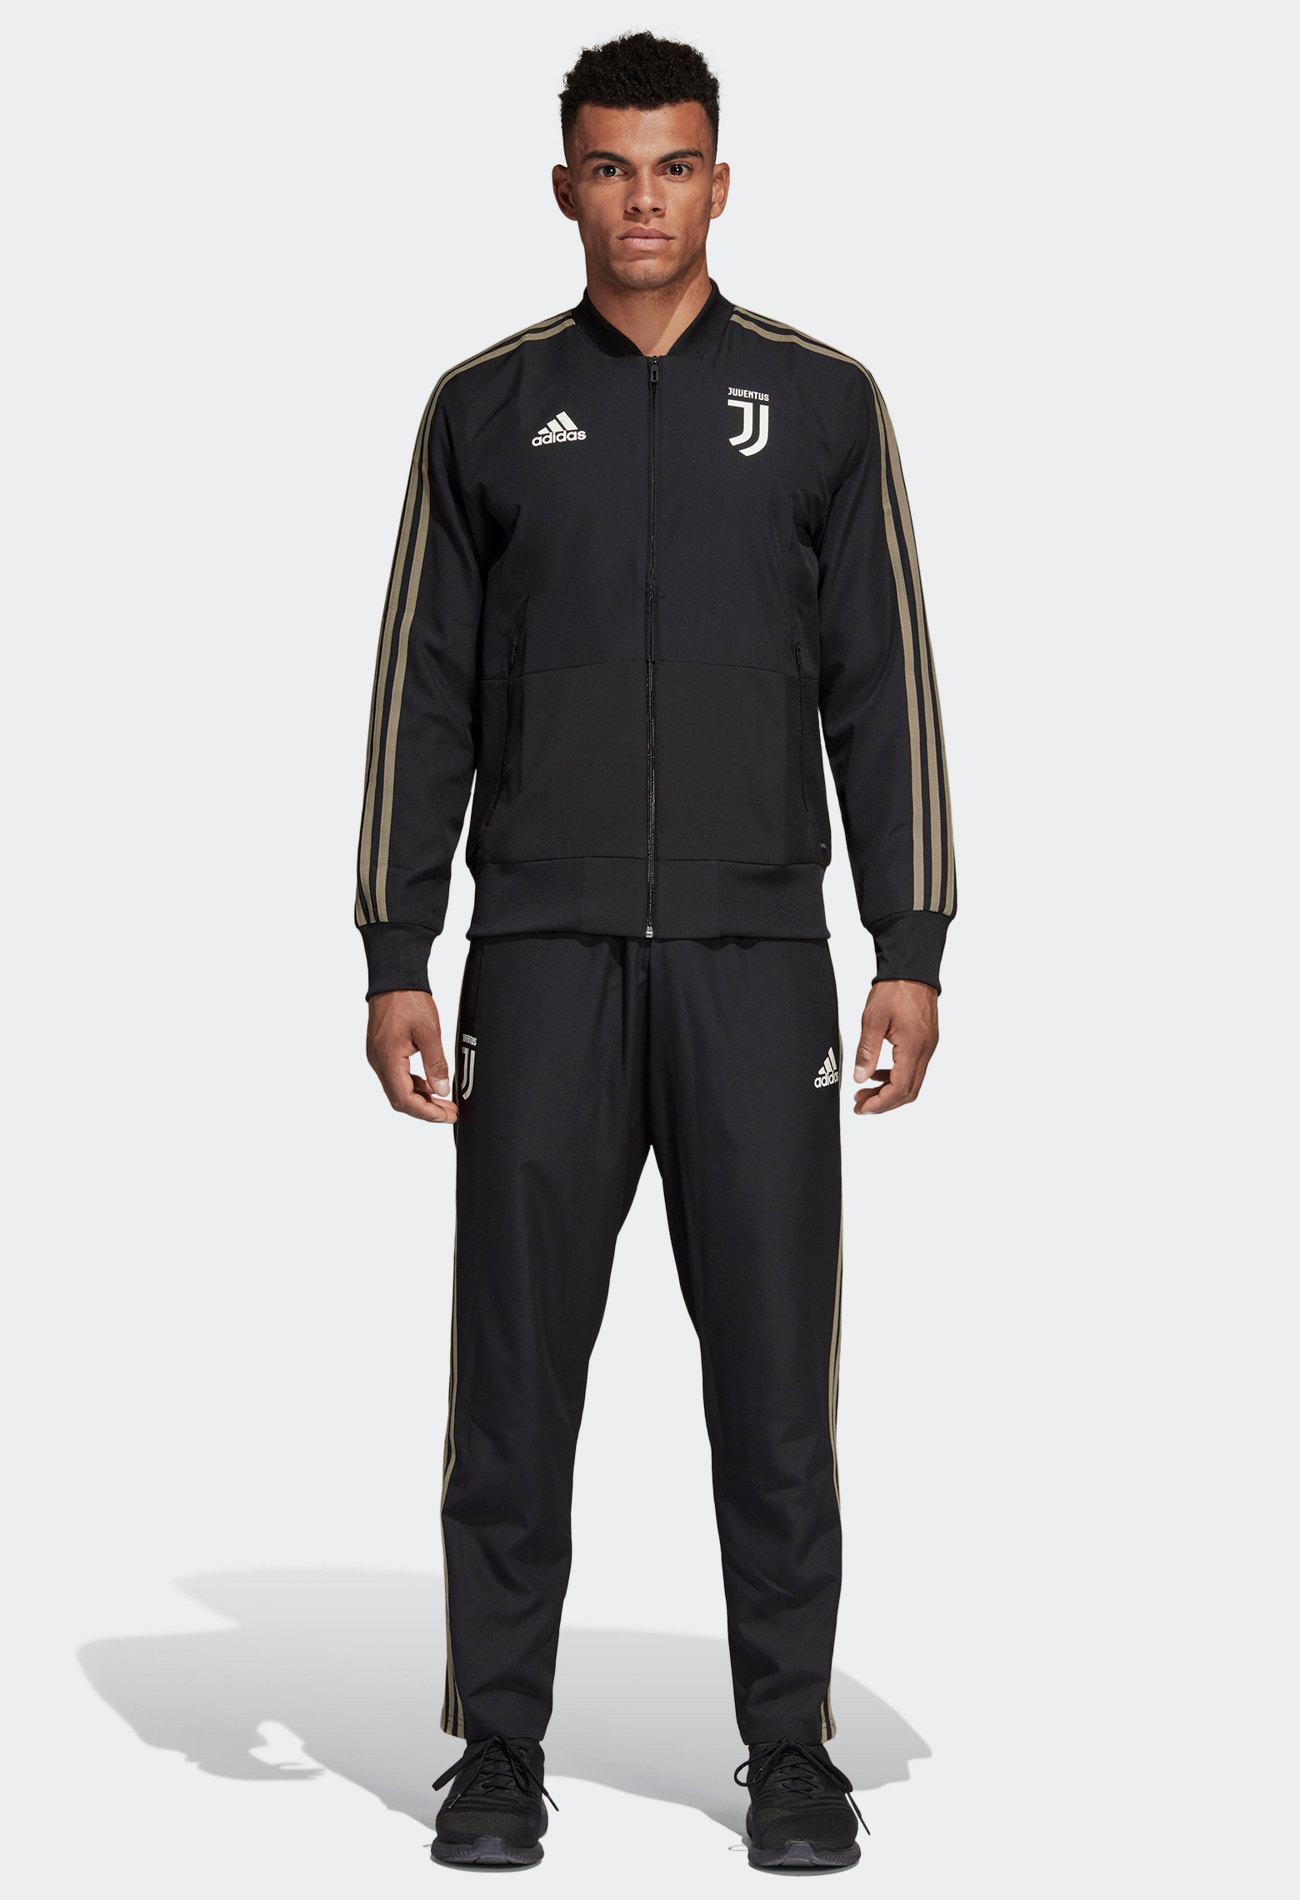 Sur In 19 Survetement Noir 2018 Juventus Stock Adidas Presentation Détails Turin xBdCWoer